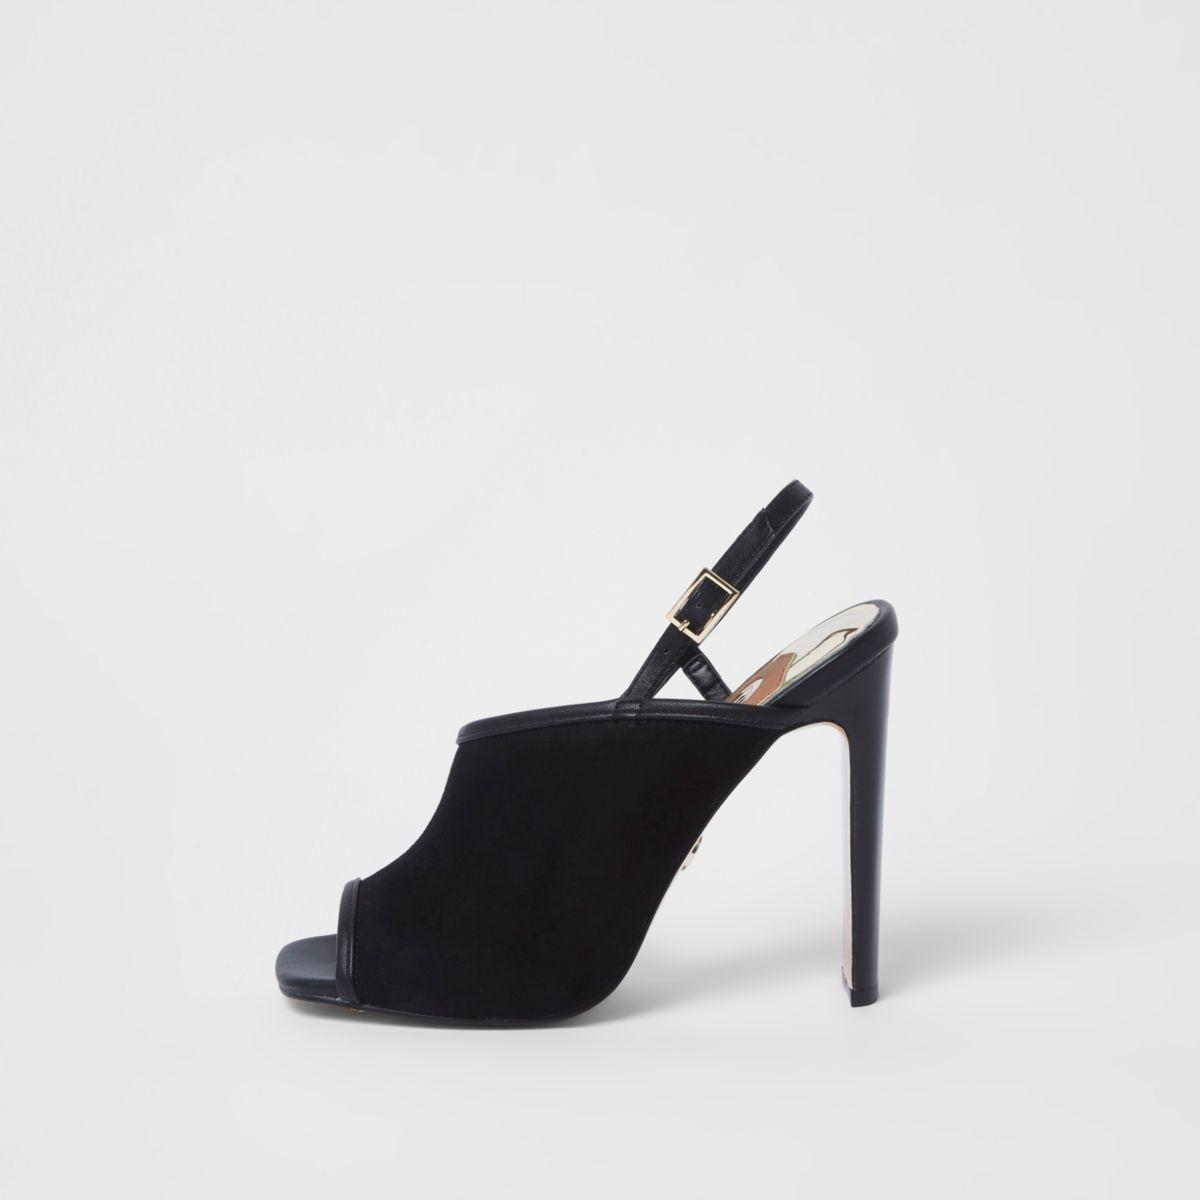 River Island Chaussures asymétriques noires à talon fin Prix Authentique Pas Cher Ebay Pas Cher En Ligne QdTKSZAW